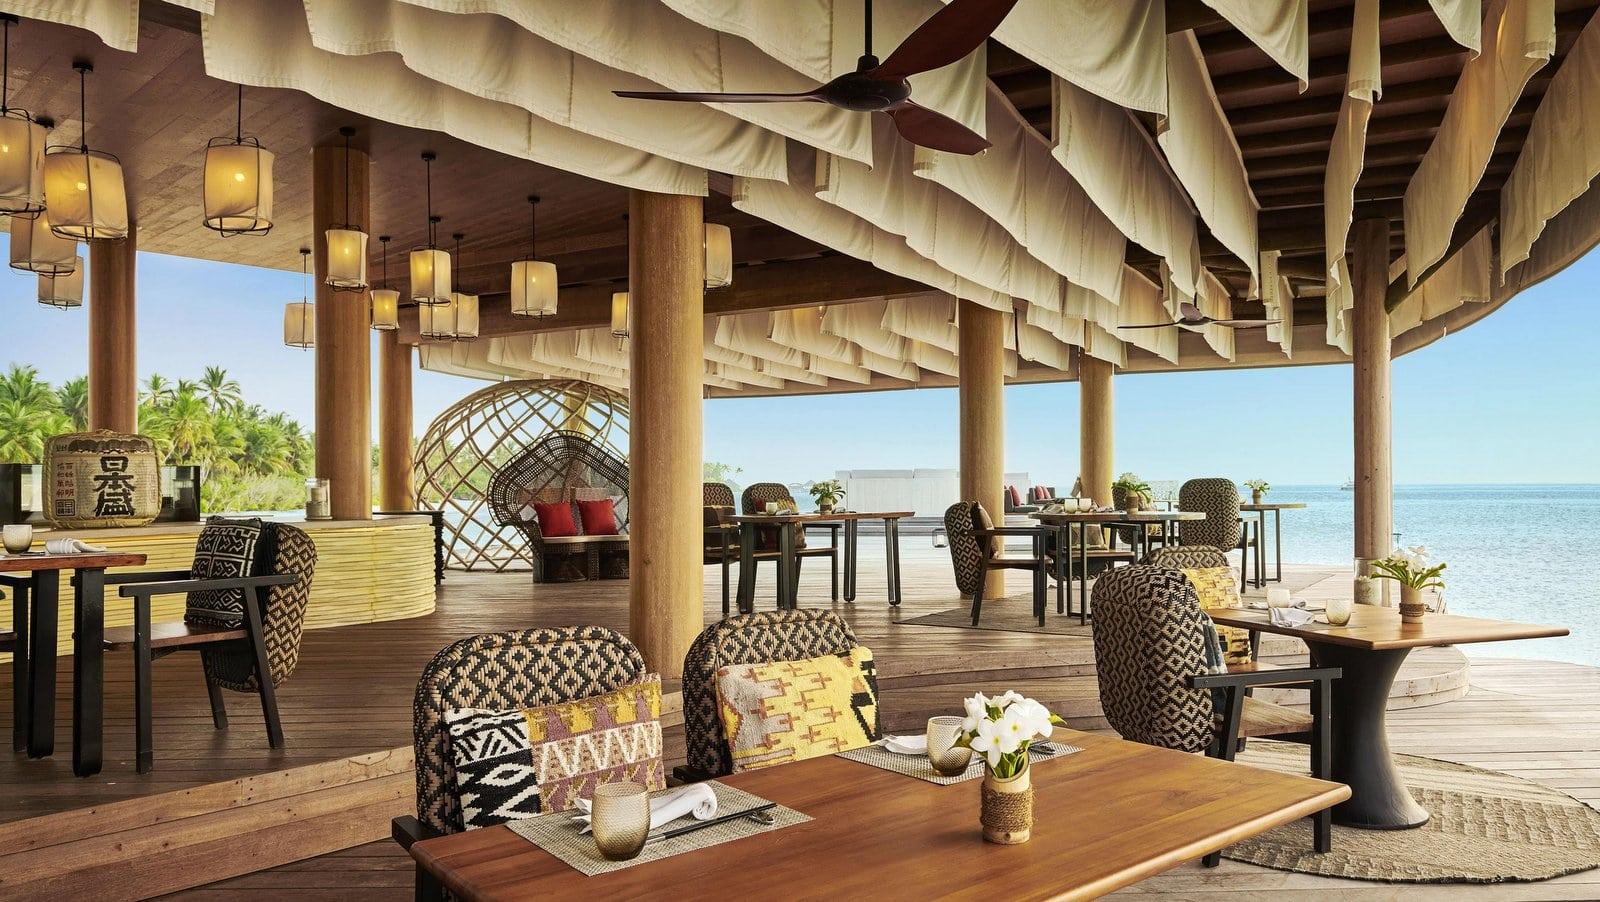 Мальдивы, отель Fairmont Maldives Sirru Fen Fushi, ресторан KATA